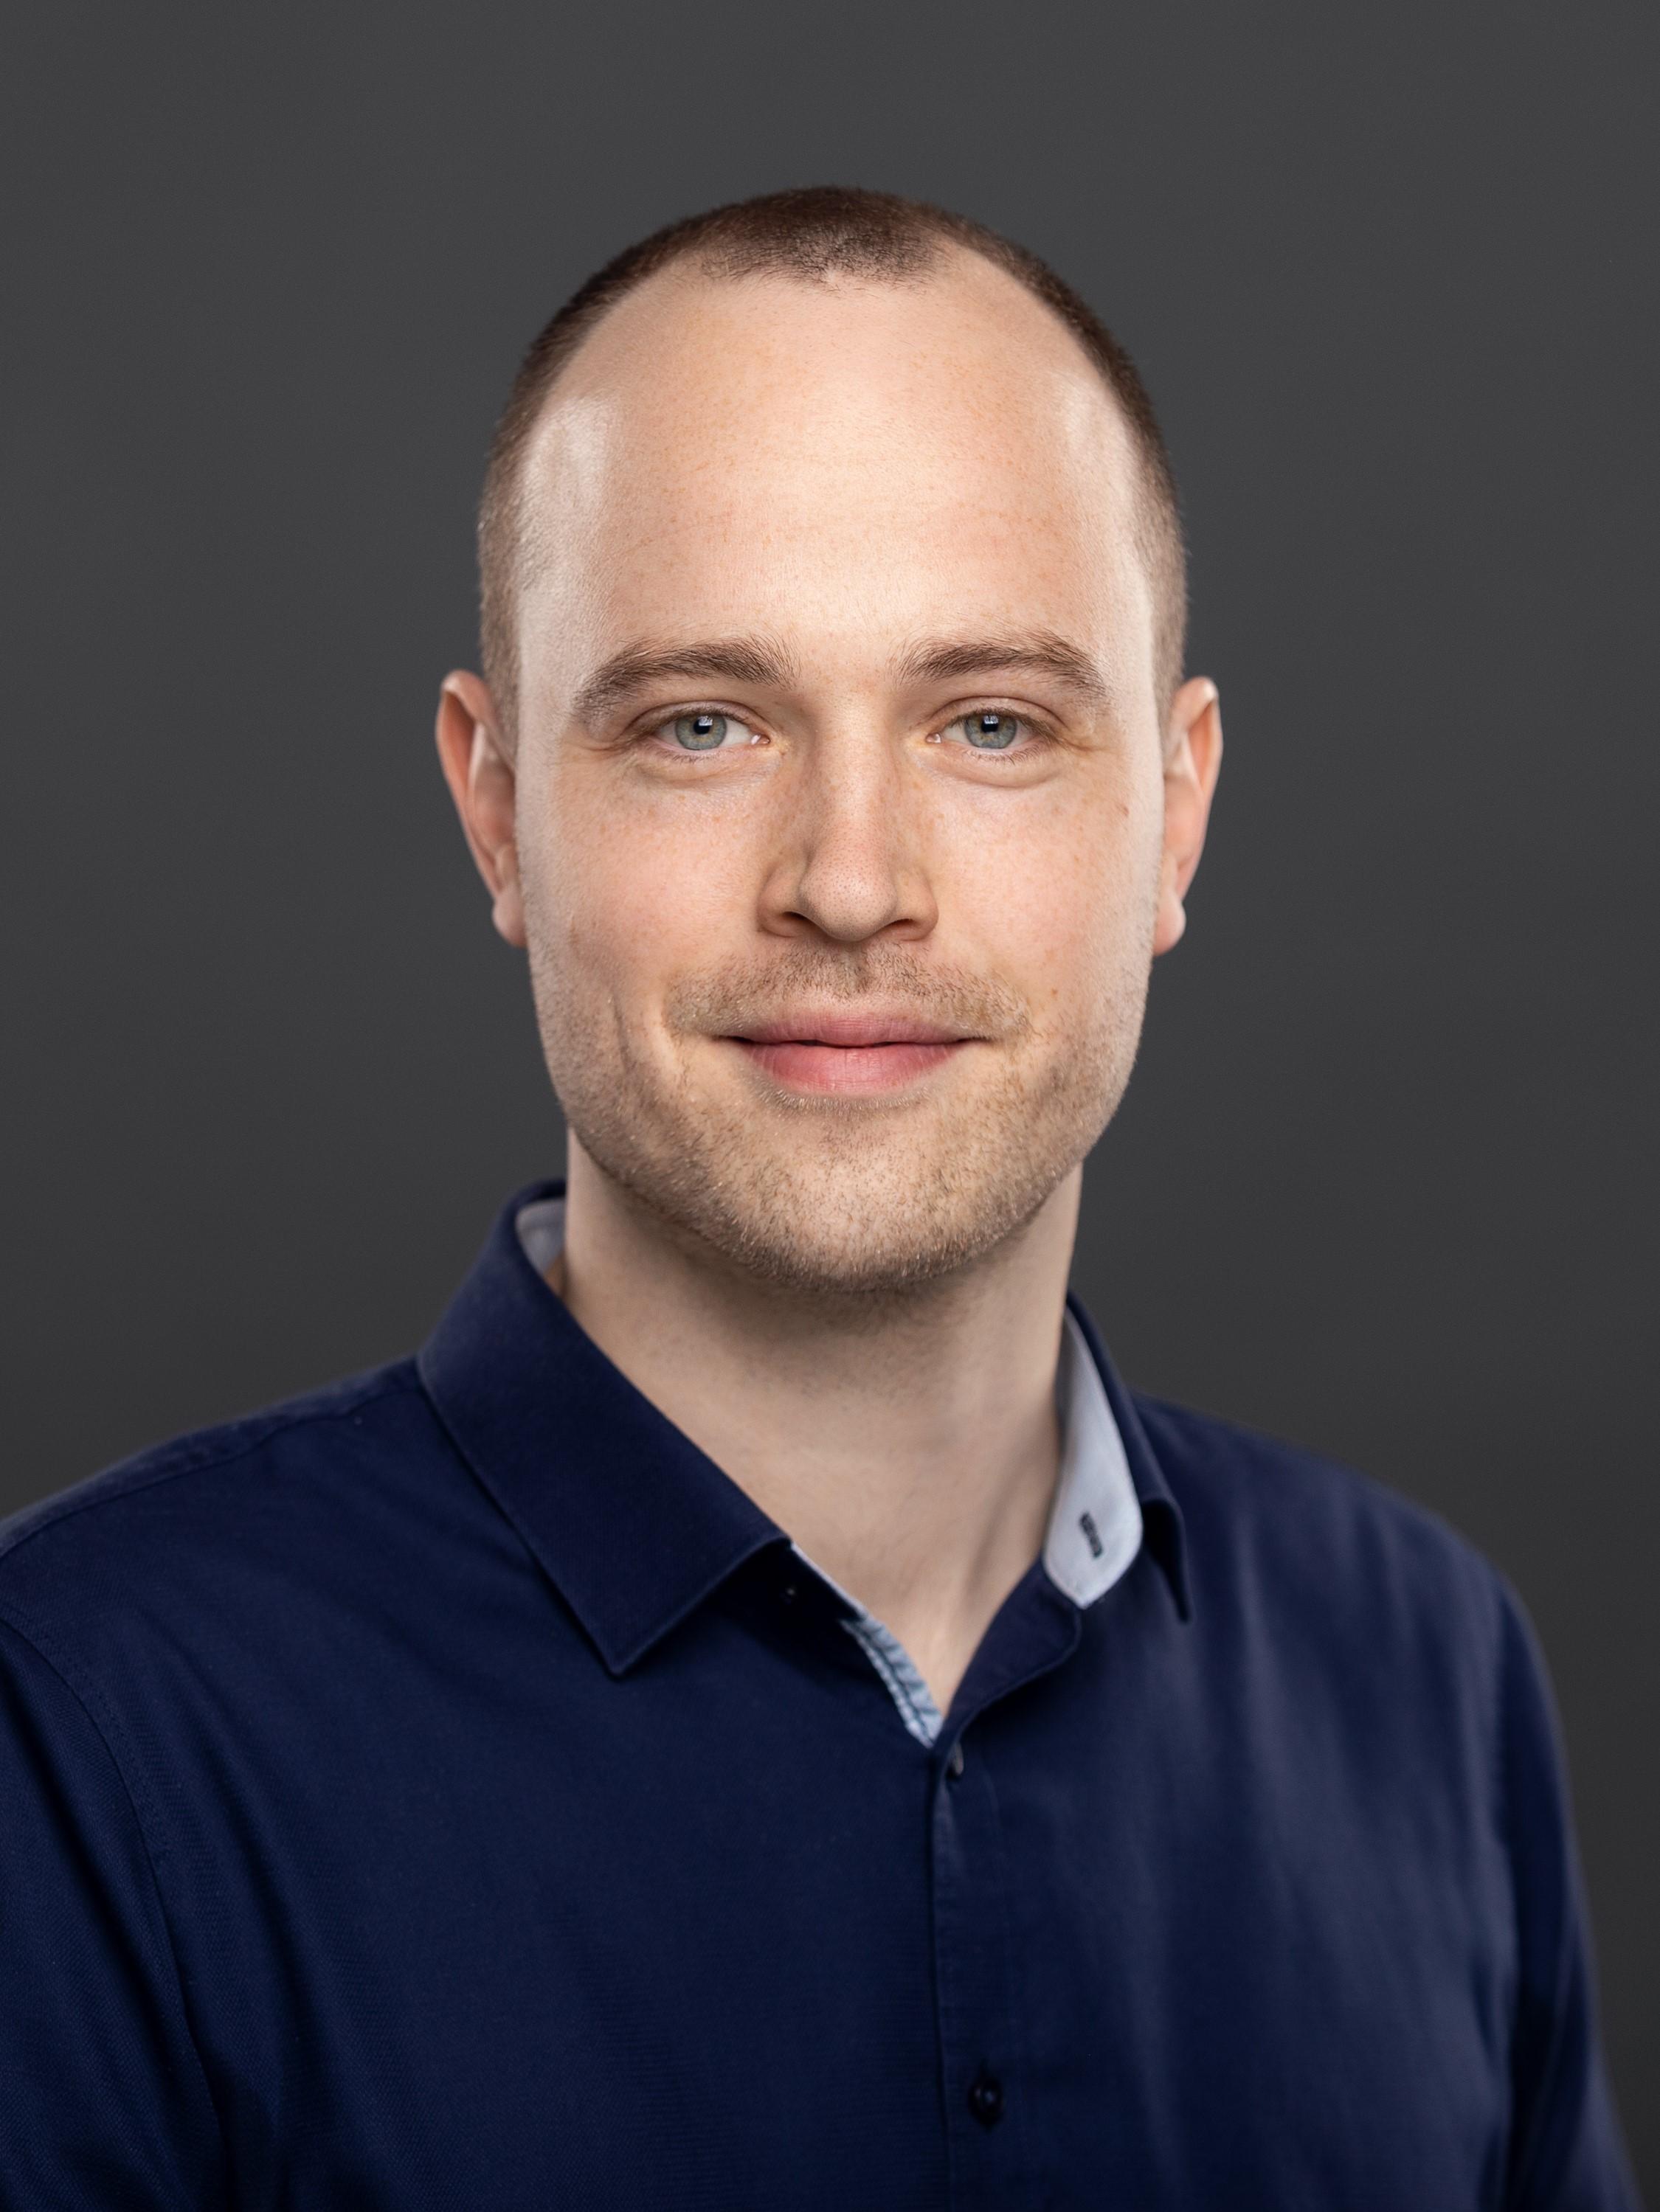 Marcus Voss